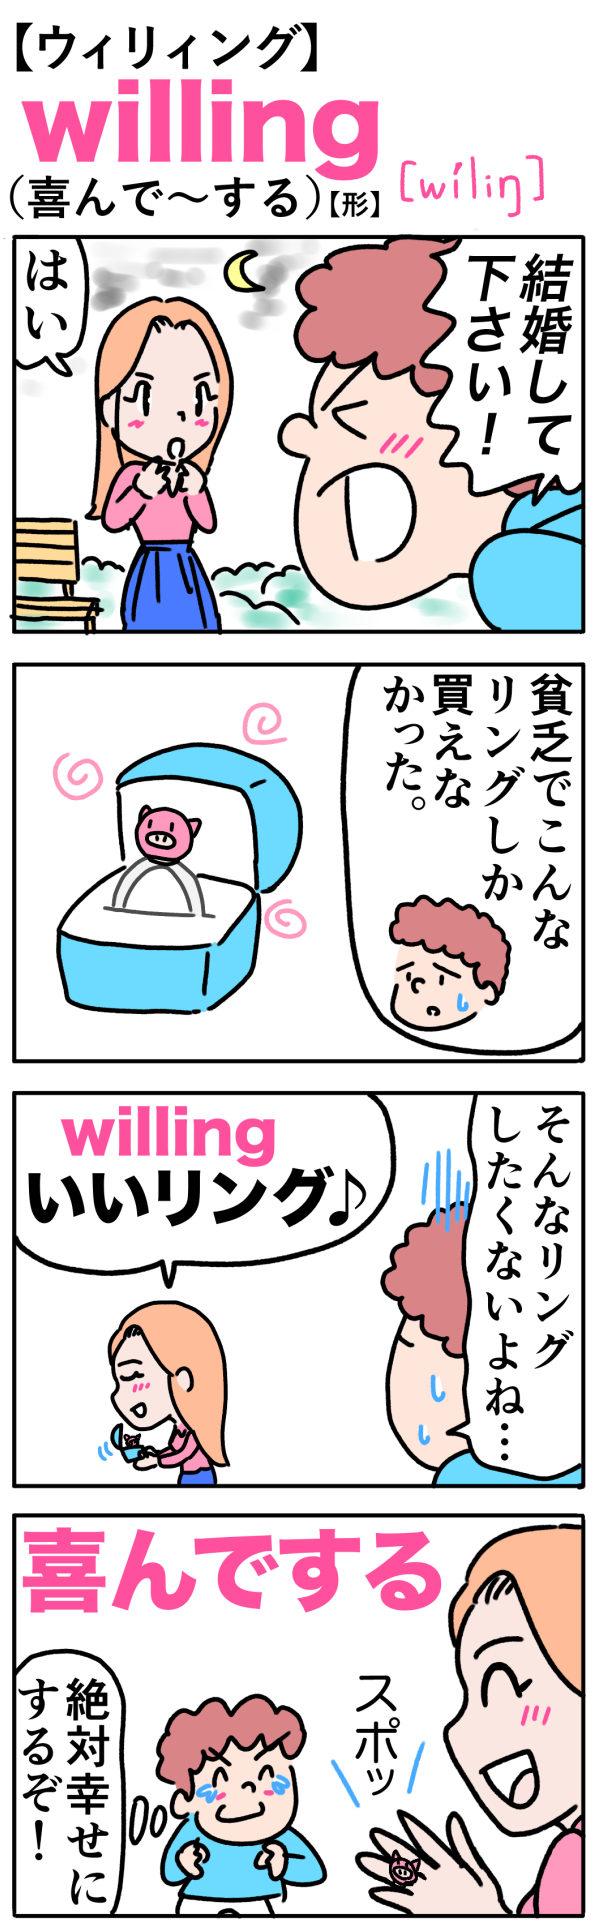 willing(喜んで〜する)の語呂合わせ英単語